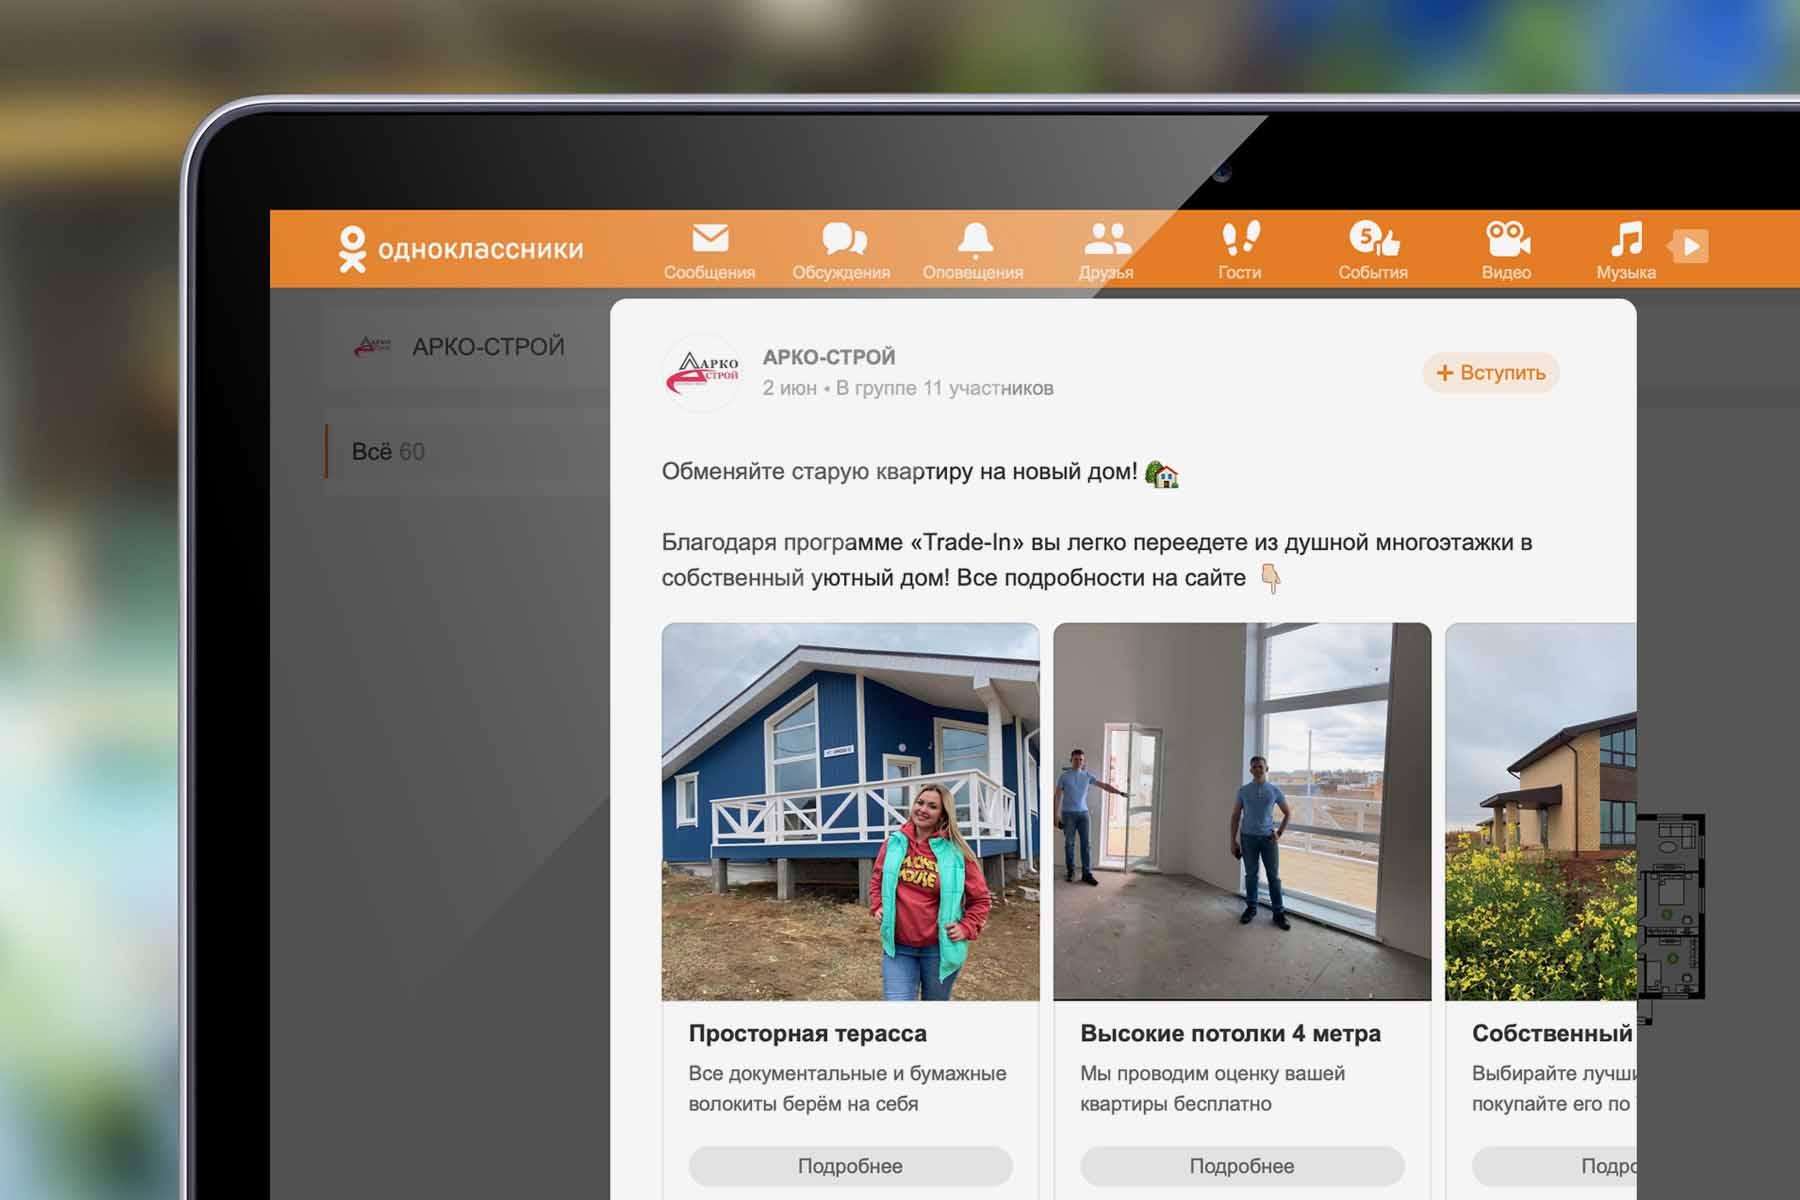 «Одноклассники» разрешили «карусель» для рекламы товаров и услуг